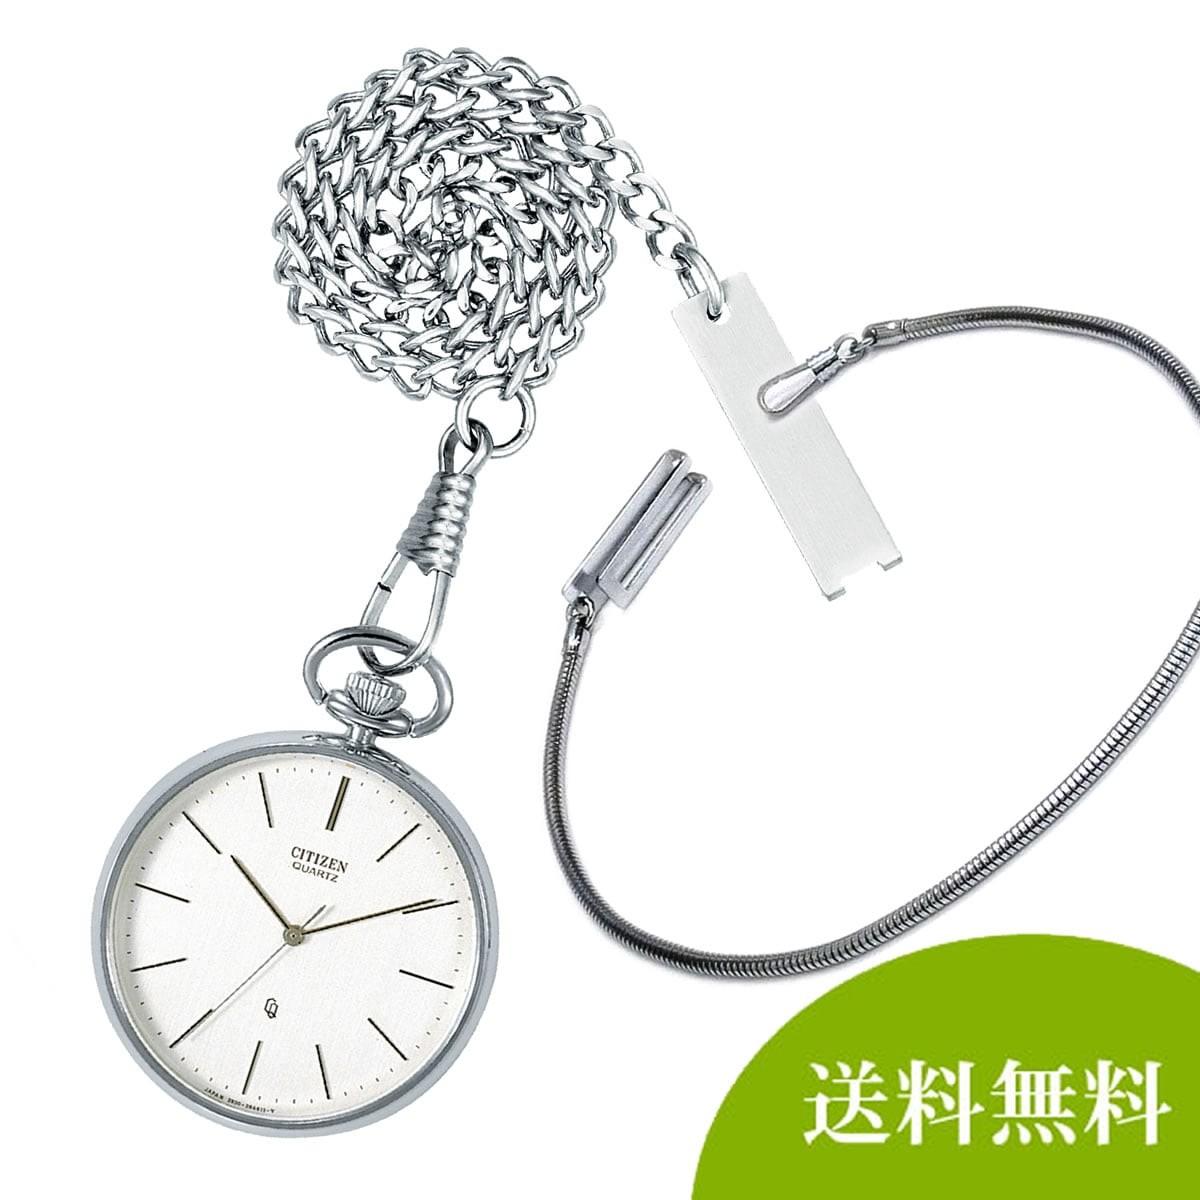 シチズン懐中時計と専用チェーンのセット